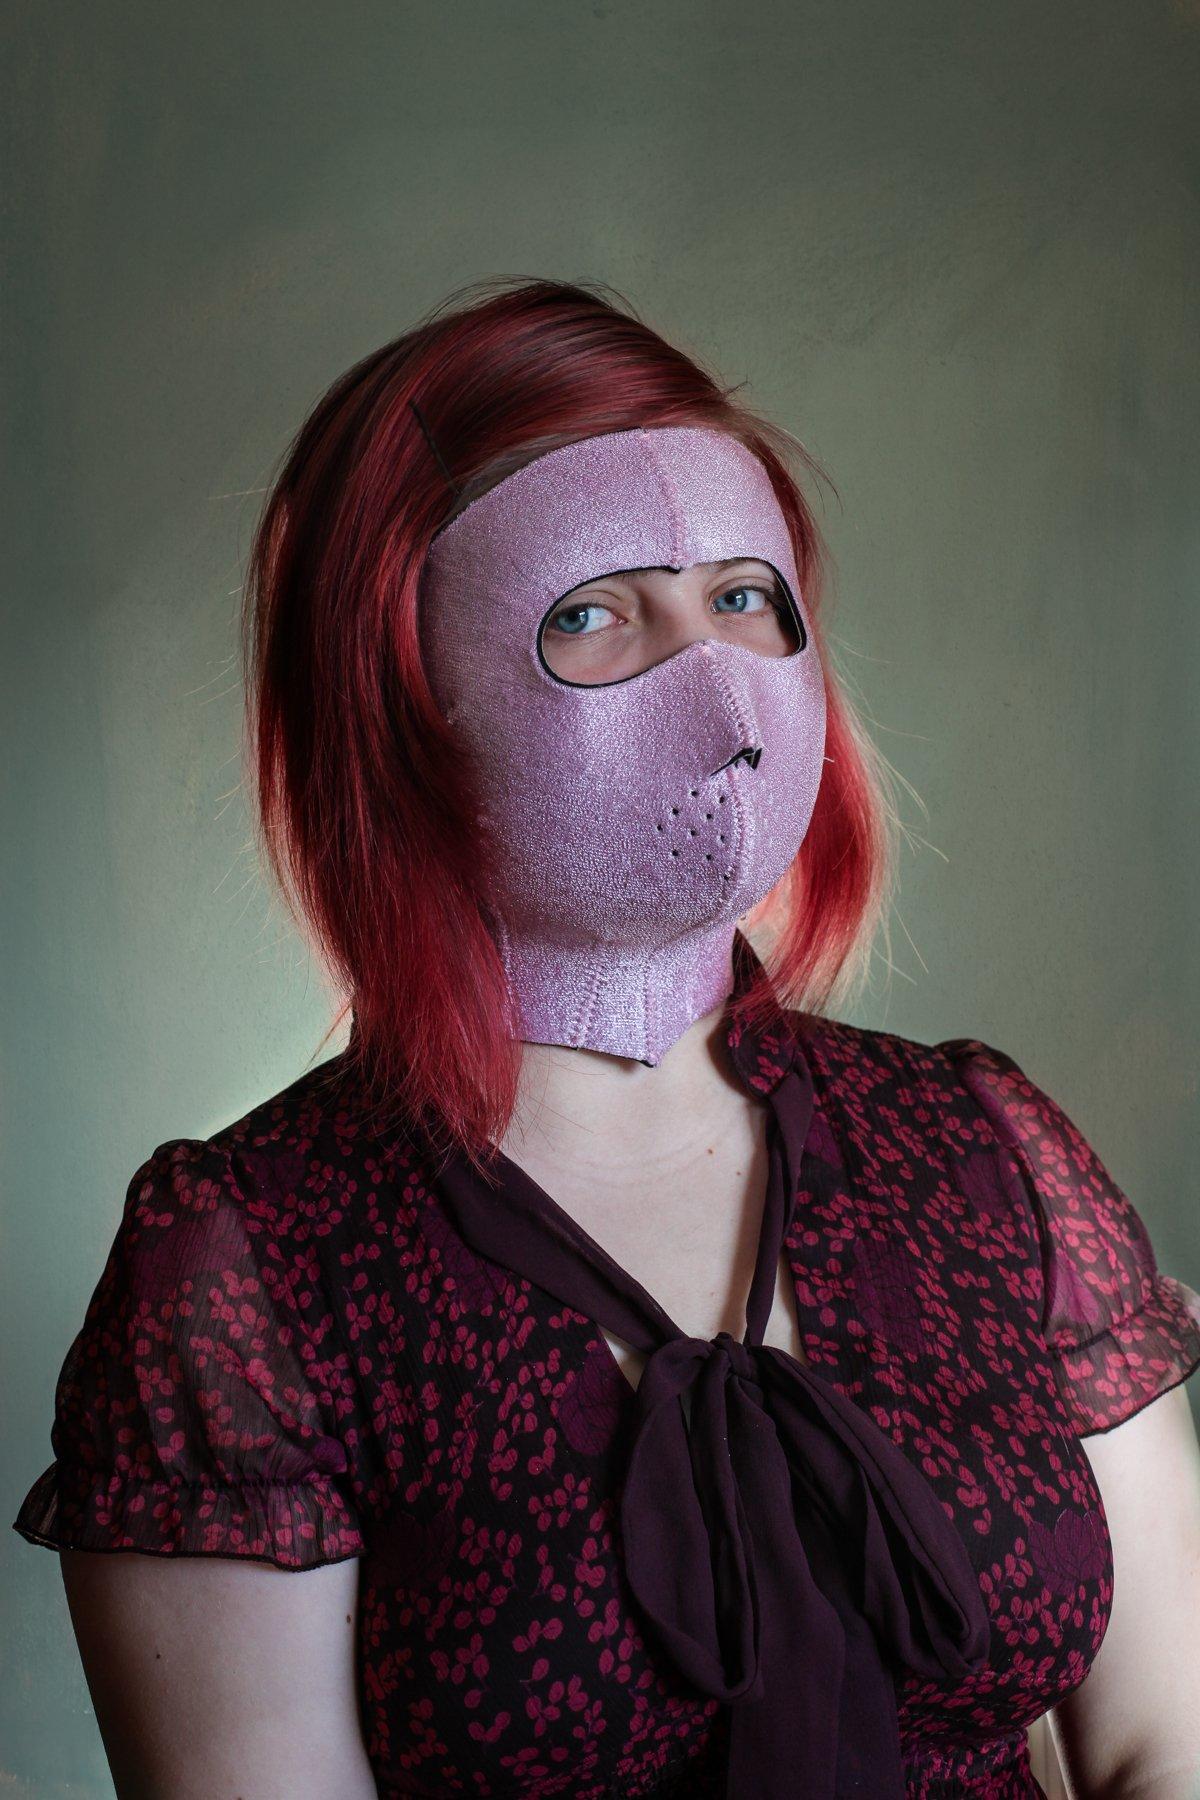 """14 fotos perturbadoras mostram as coisas bizarras que uma mulher usa para ficar """"linda"""" 08"""